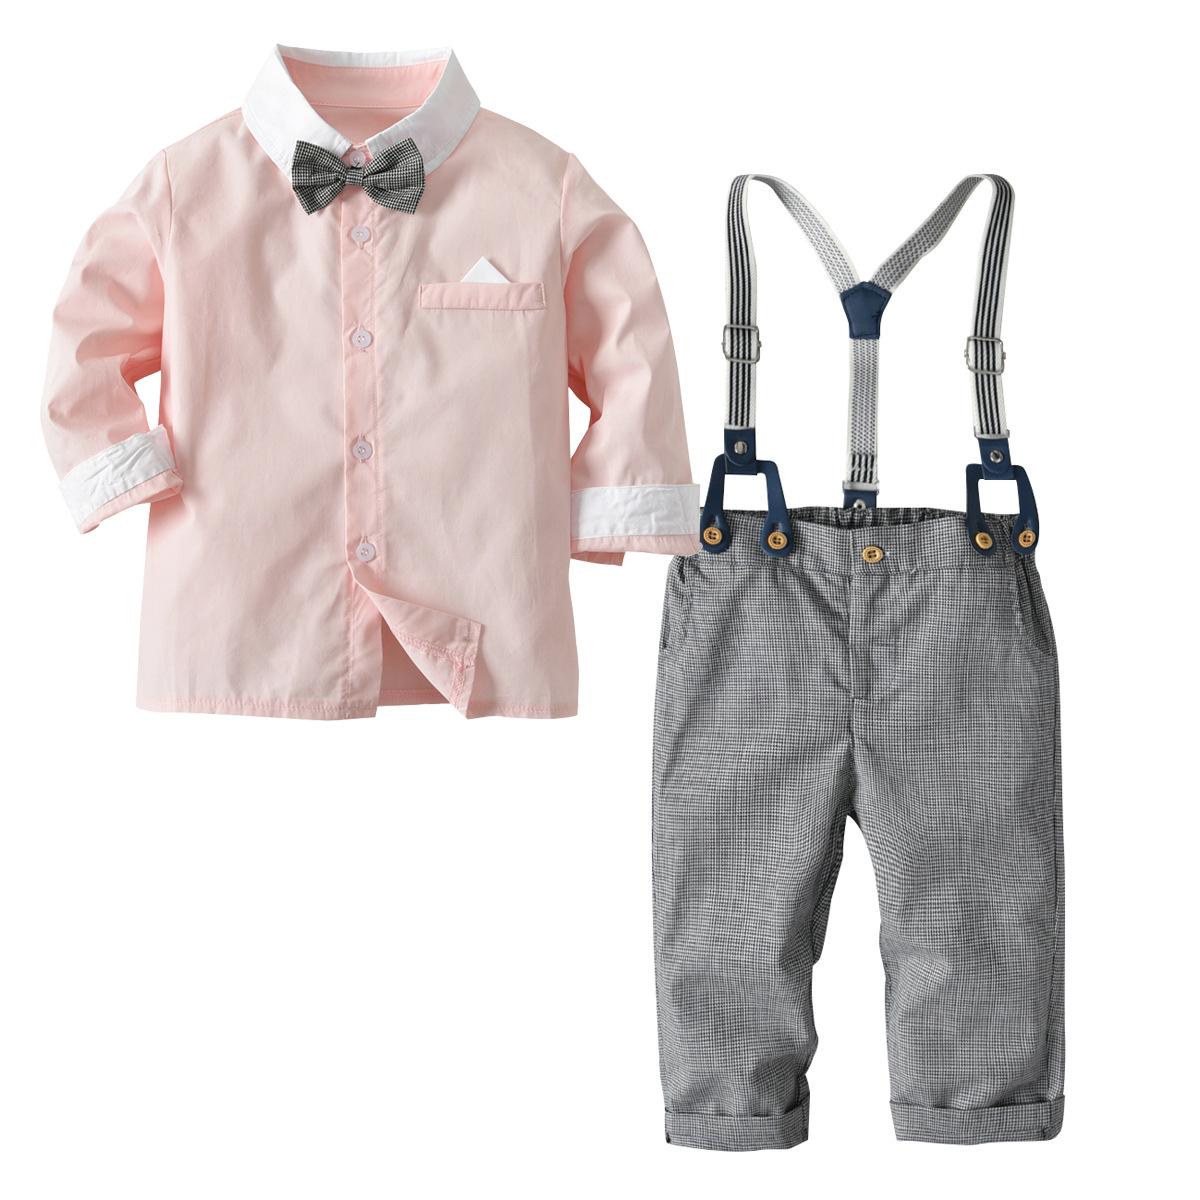 Set áo quần cho bé trai gồm áo sơ mi hồng đính nơ và quần dây thắt lưng